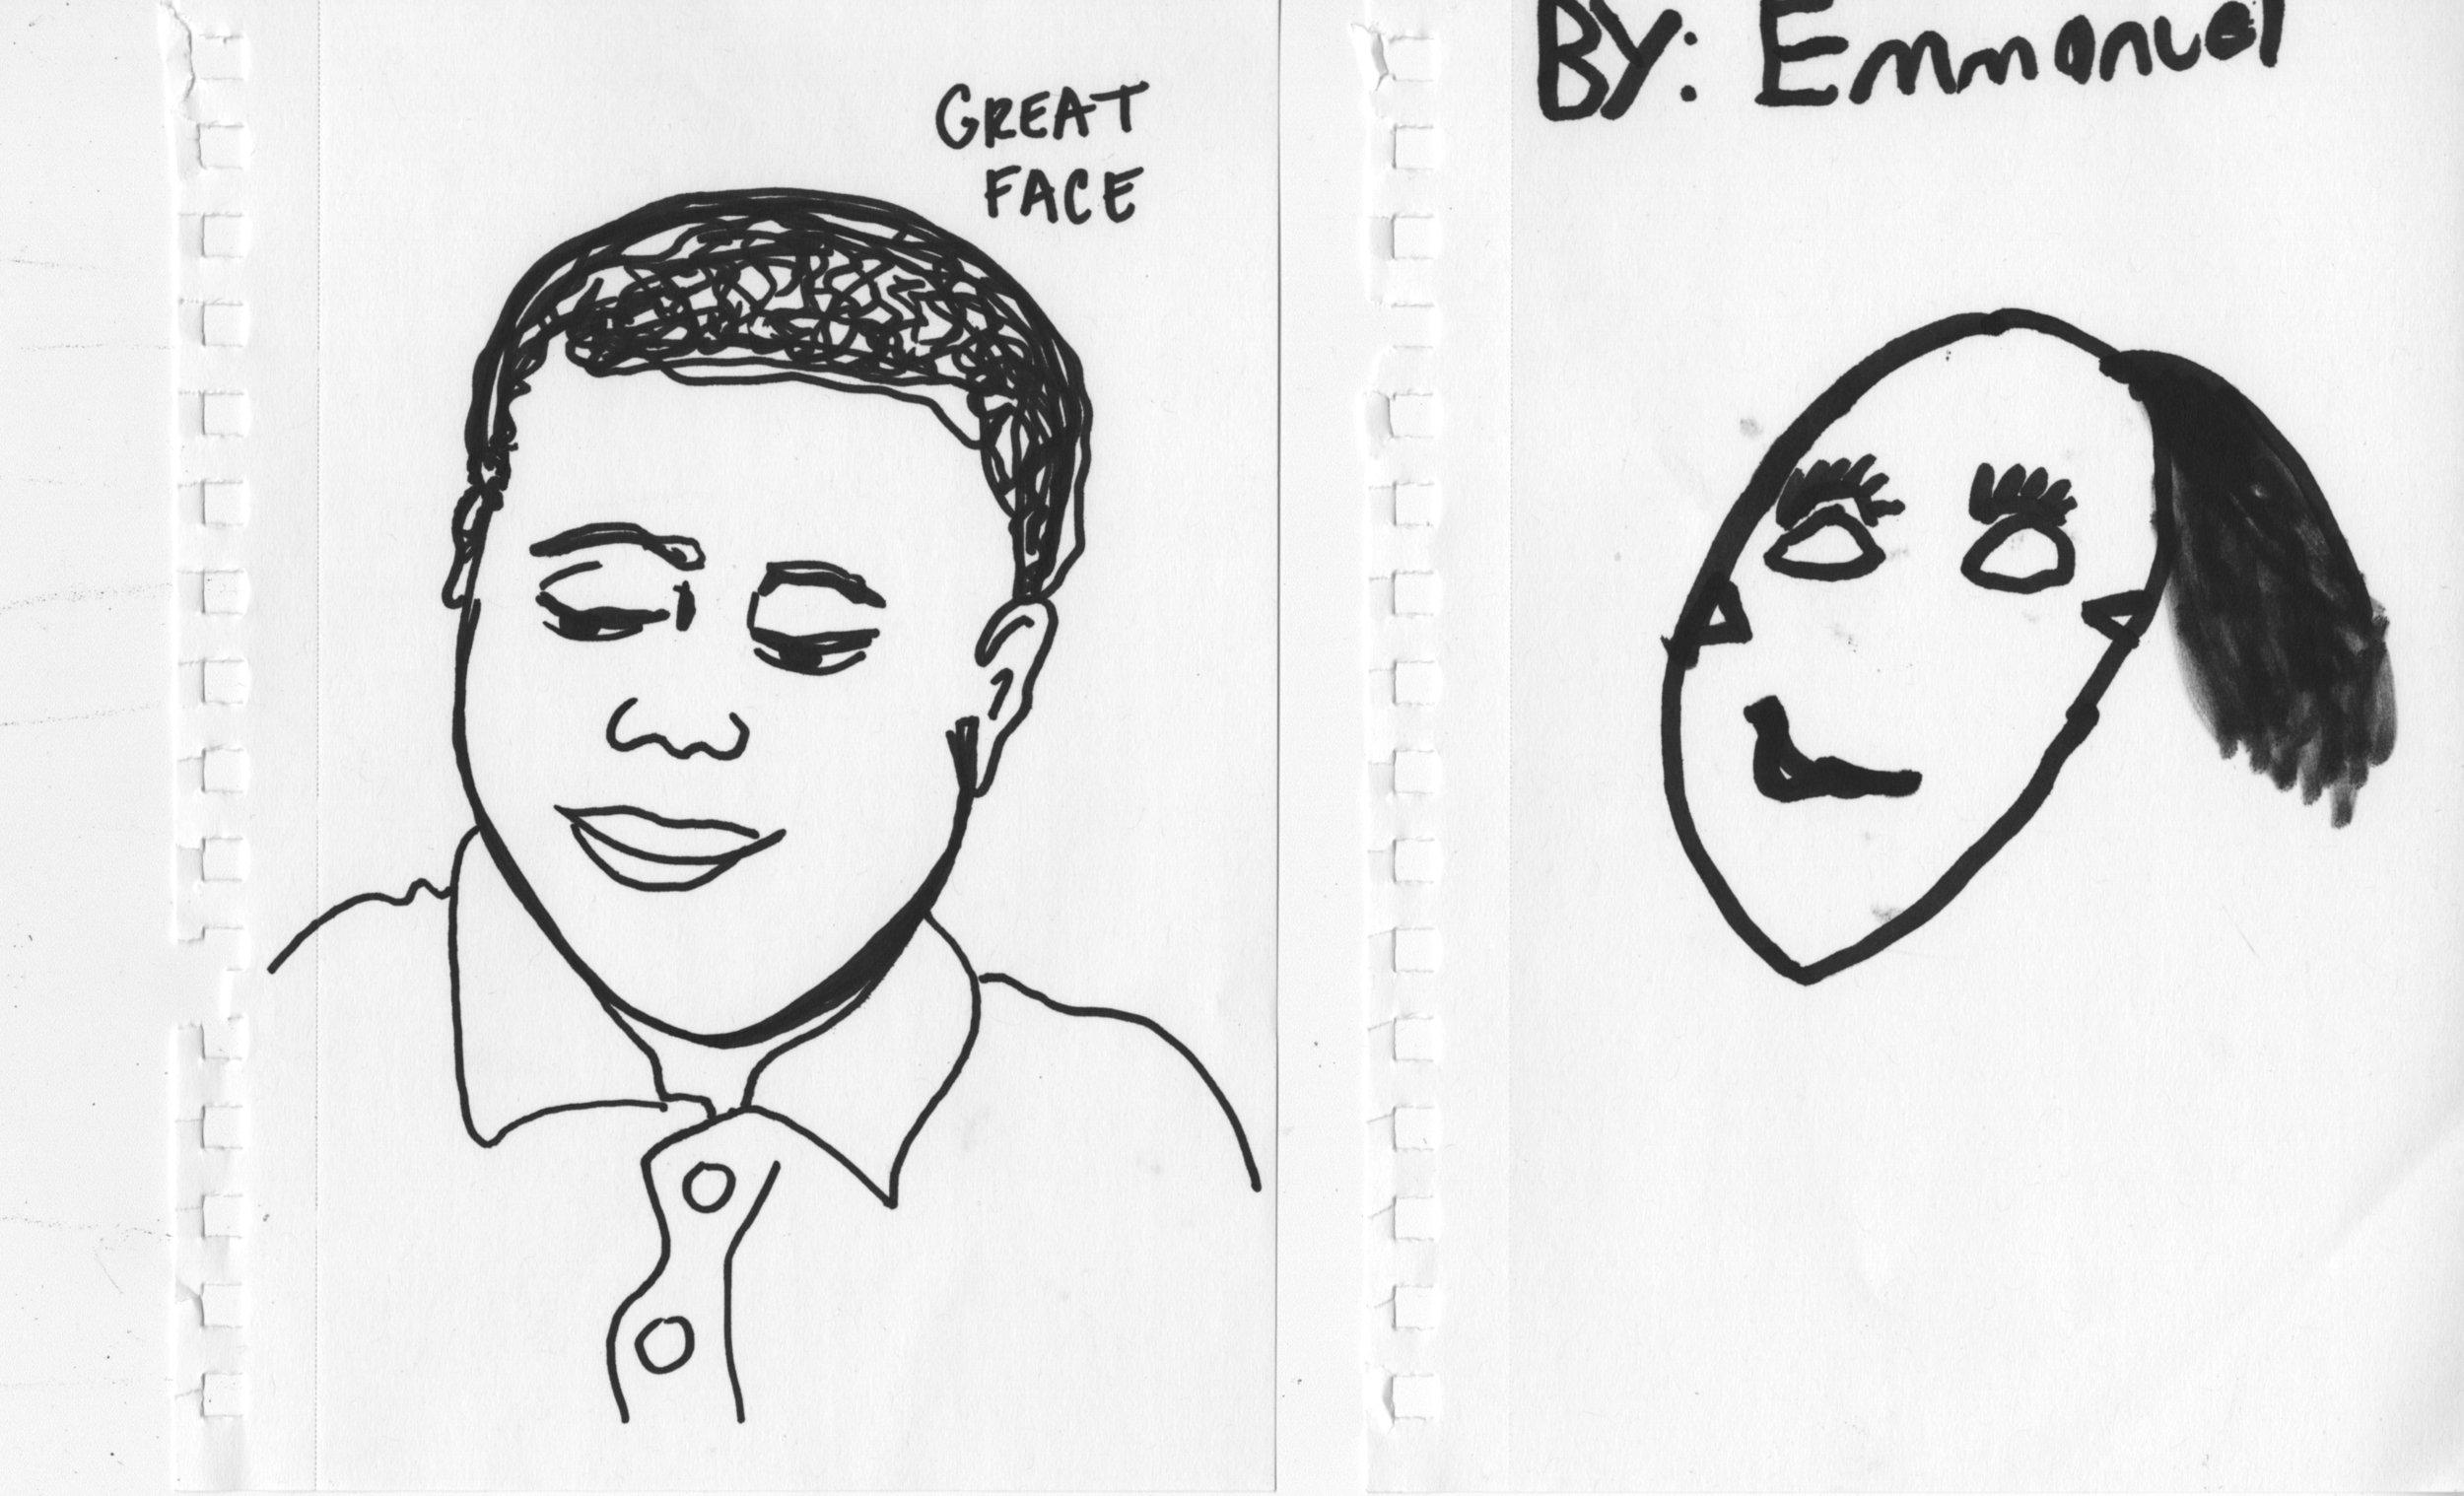 9_Emmanuel_Great Face.jpg